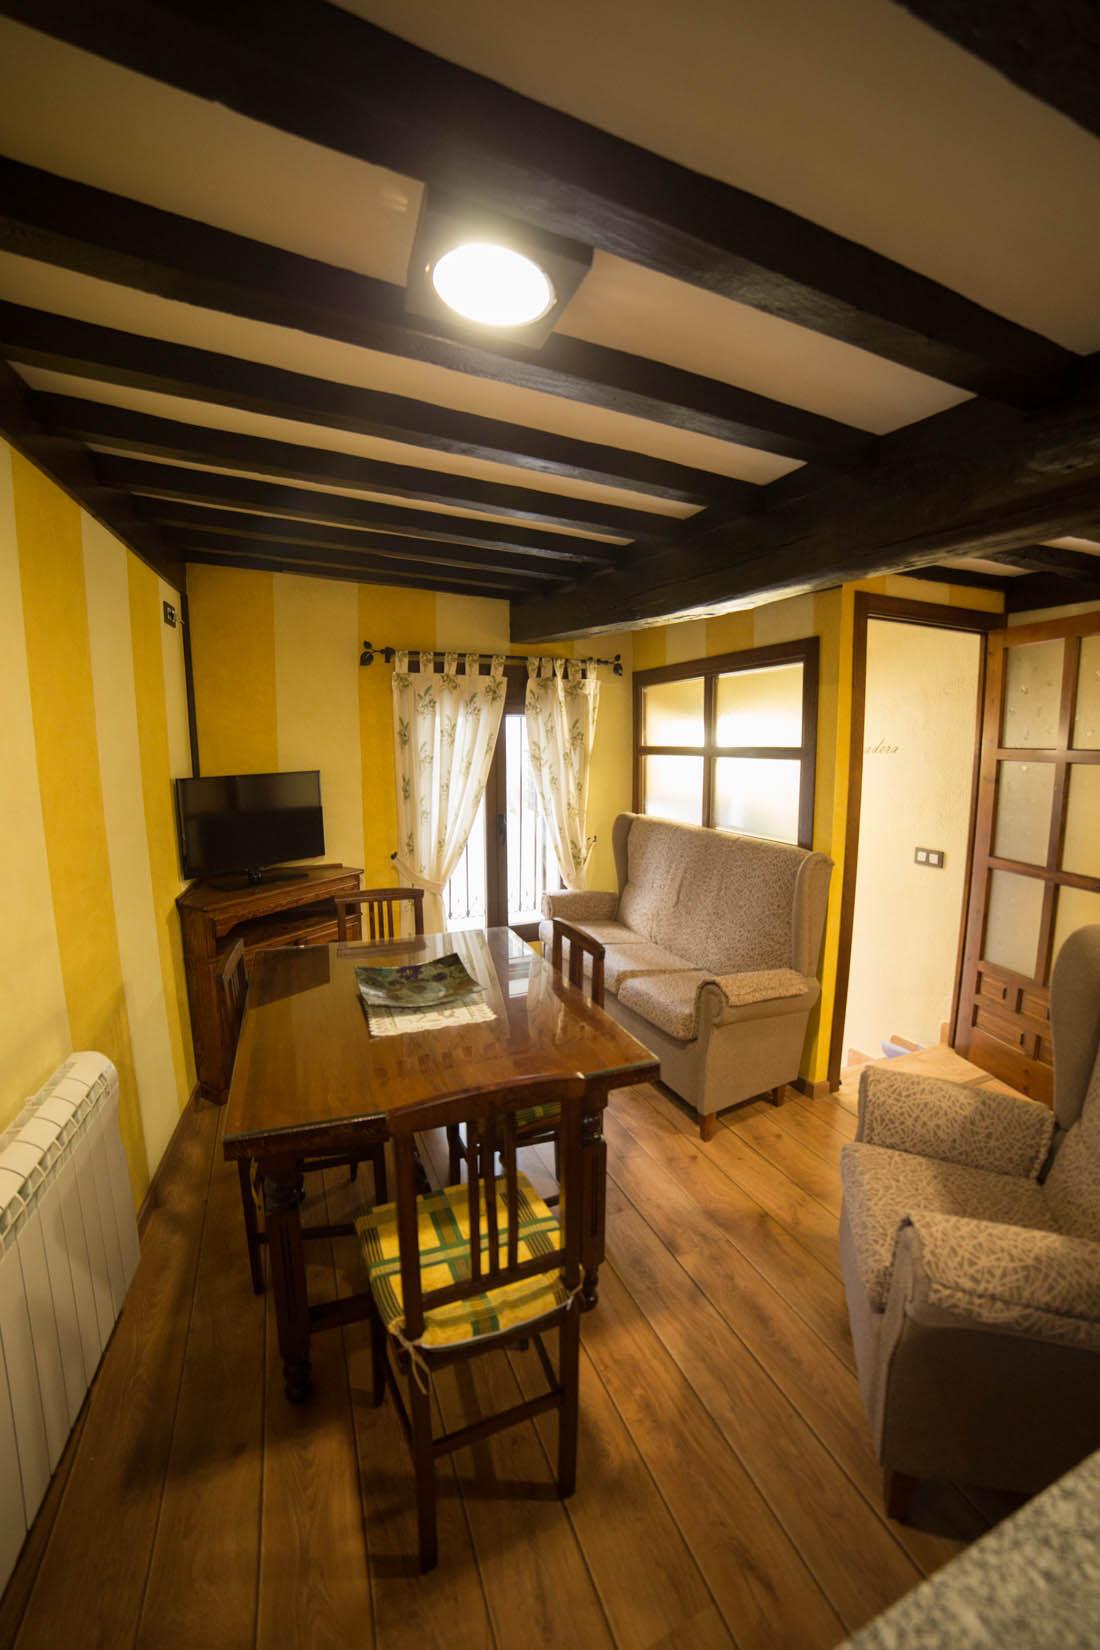 Informaci n turistica de candelario casa rural la regadera - Candelario casa rural ...